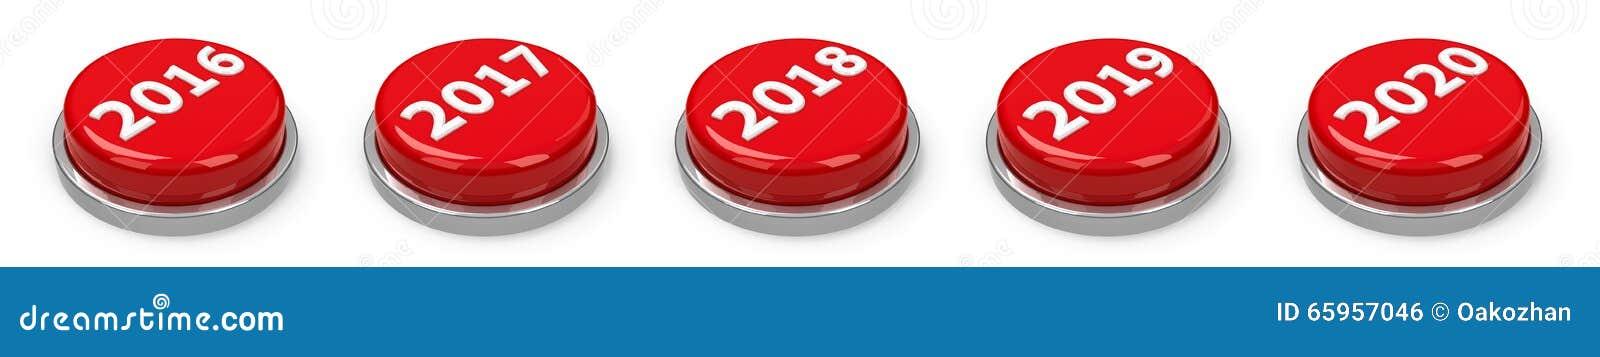 Кнопки - 2016 2017 2018 2019 2020